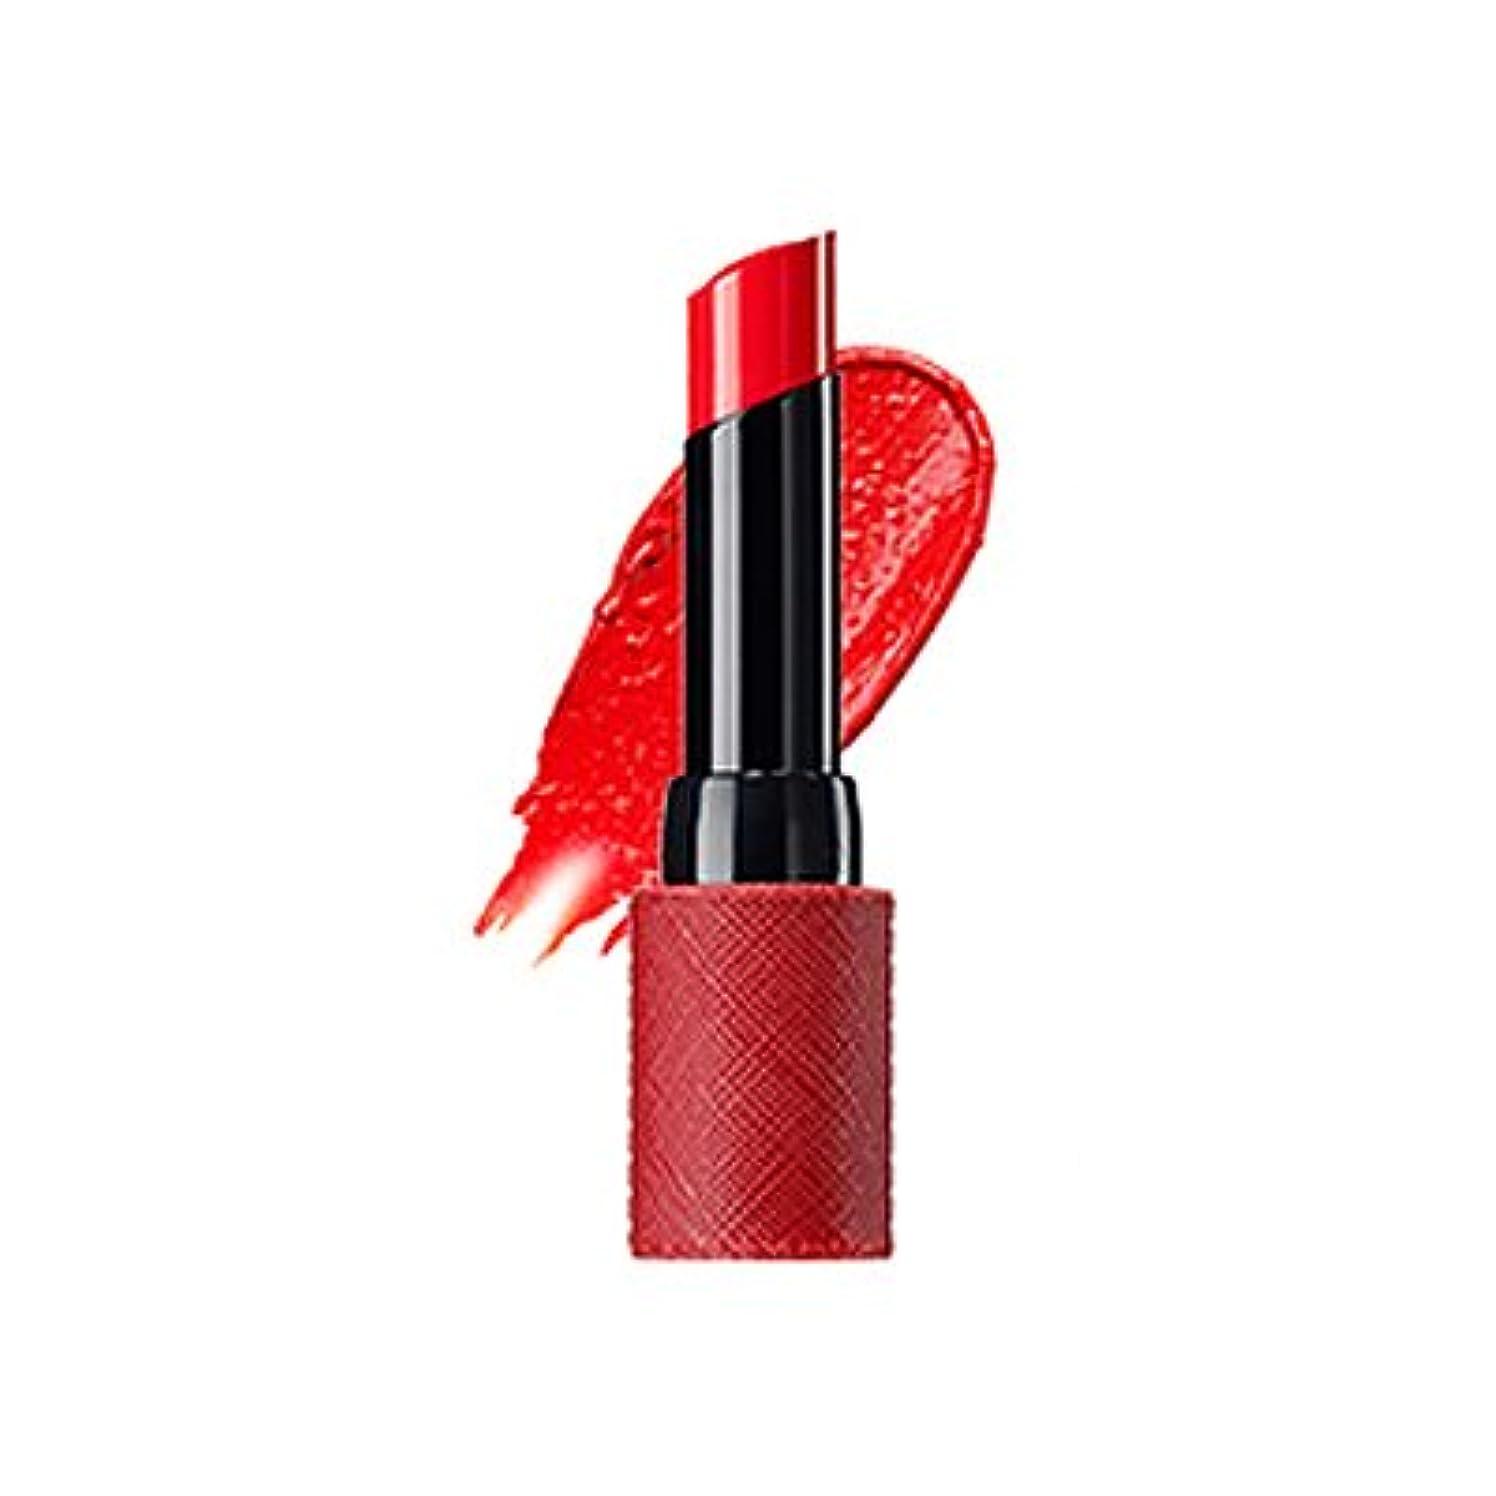 自発的第仕出しますThe Saem Kissholic Lipstick S (OR 01 Dangerous) ザセムキスホリックリップスティック S [並行輸入品]